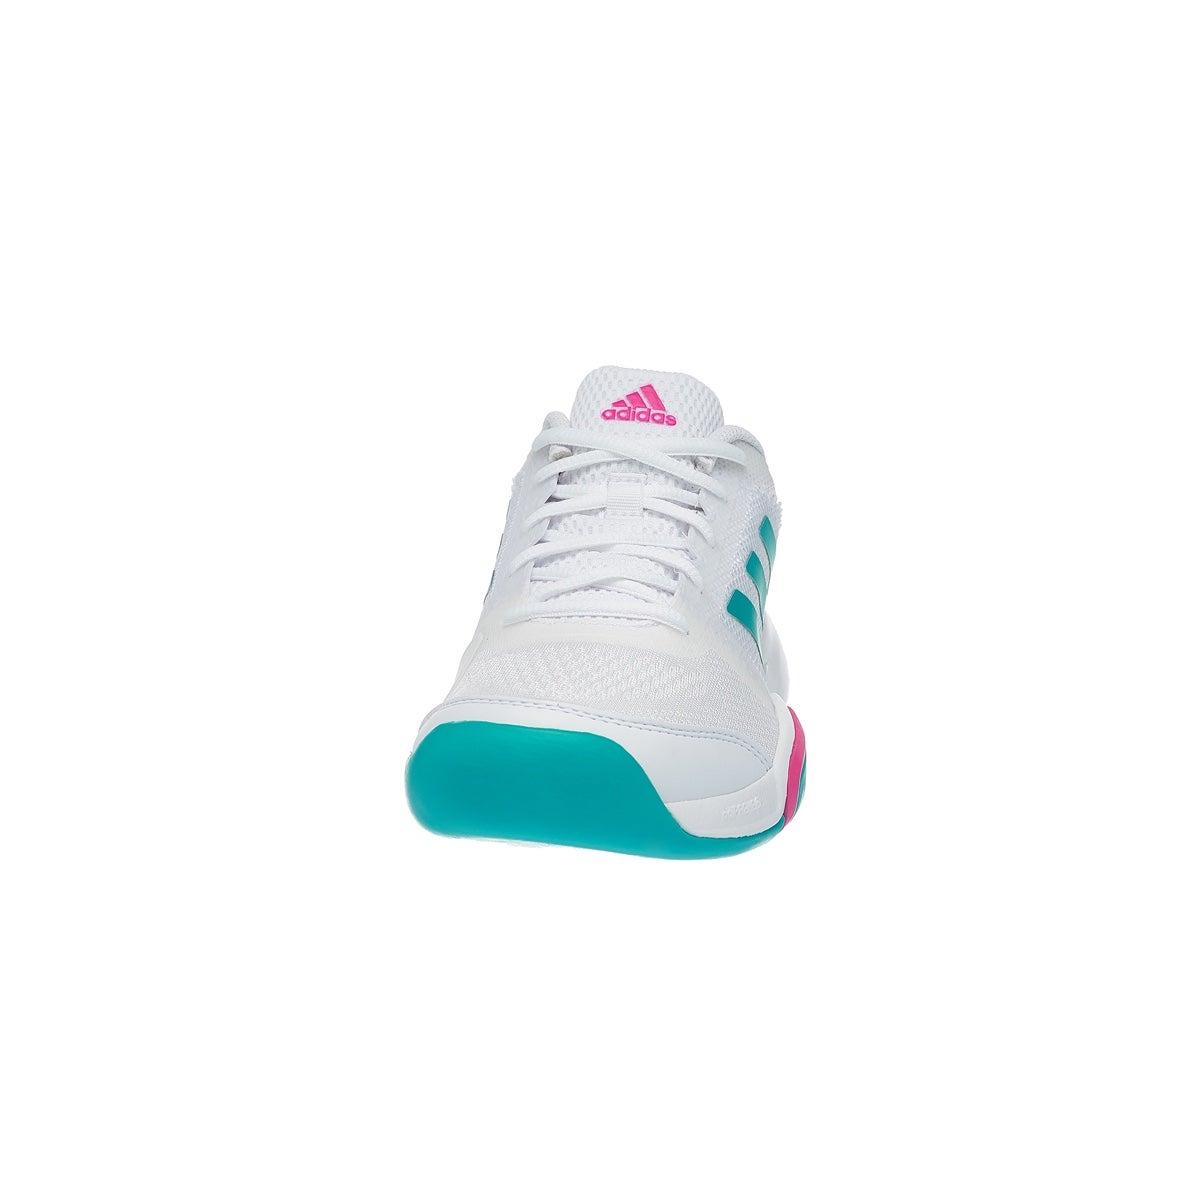 adidas Barricade Club Carpet WhiteAqua Women's Shoes 360° View